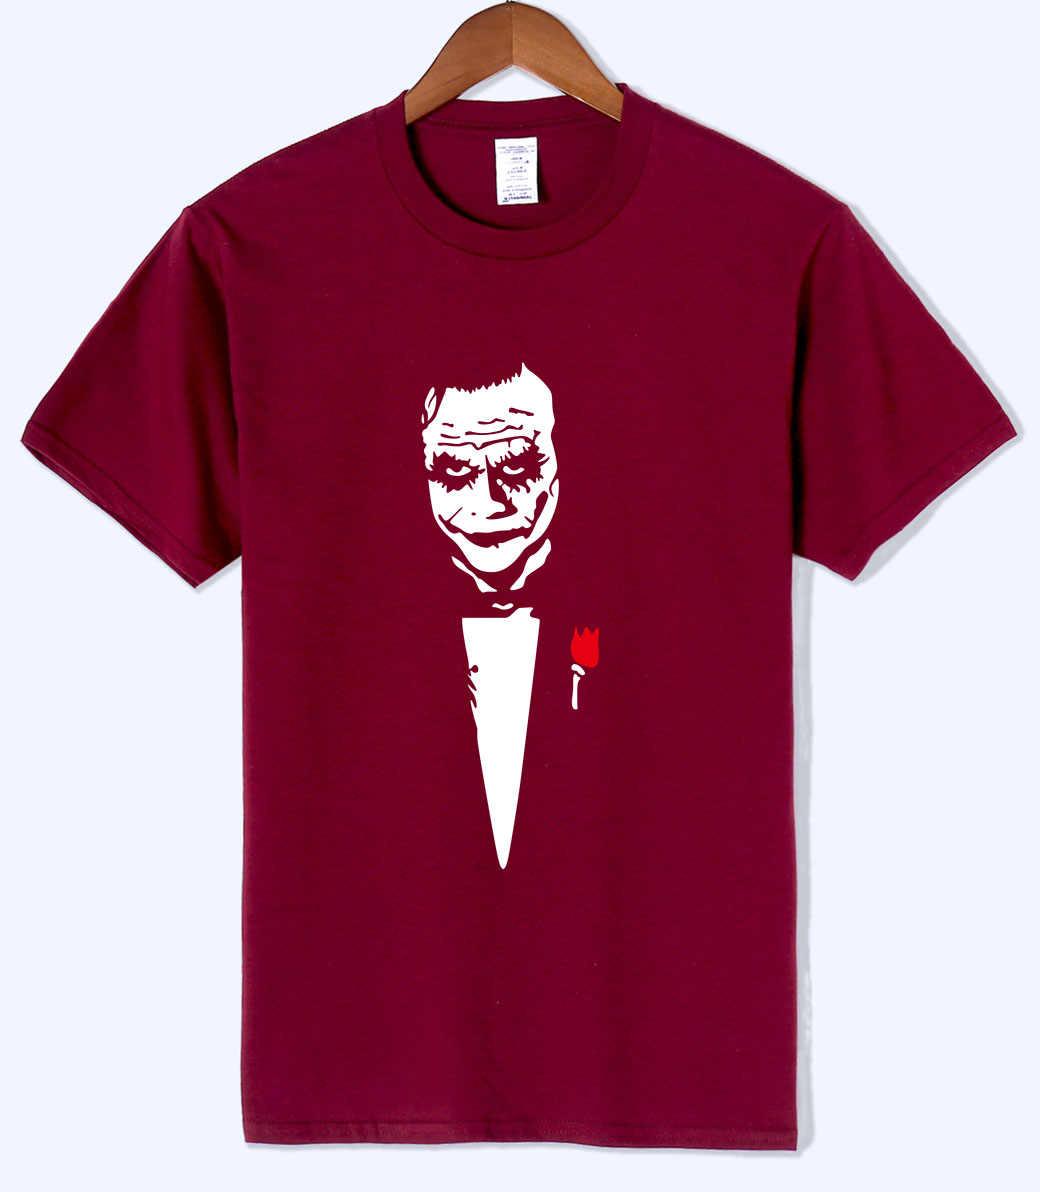 Новое поступление 2018 летняя футболка для мужчин Джокер Хит Леджер почему так Тяжелая Мужская футболка хлопок хипстерская одежда по аниме Harajuku Топ Футболка